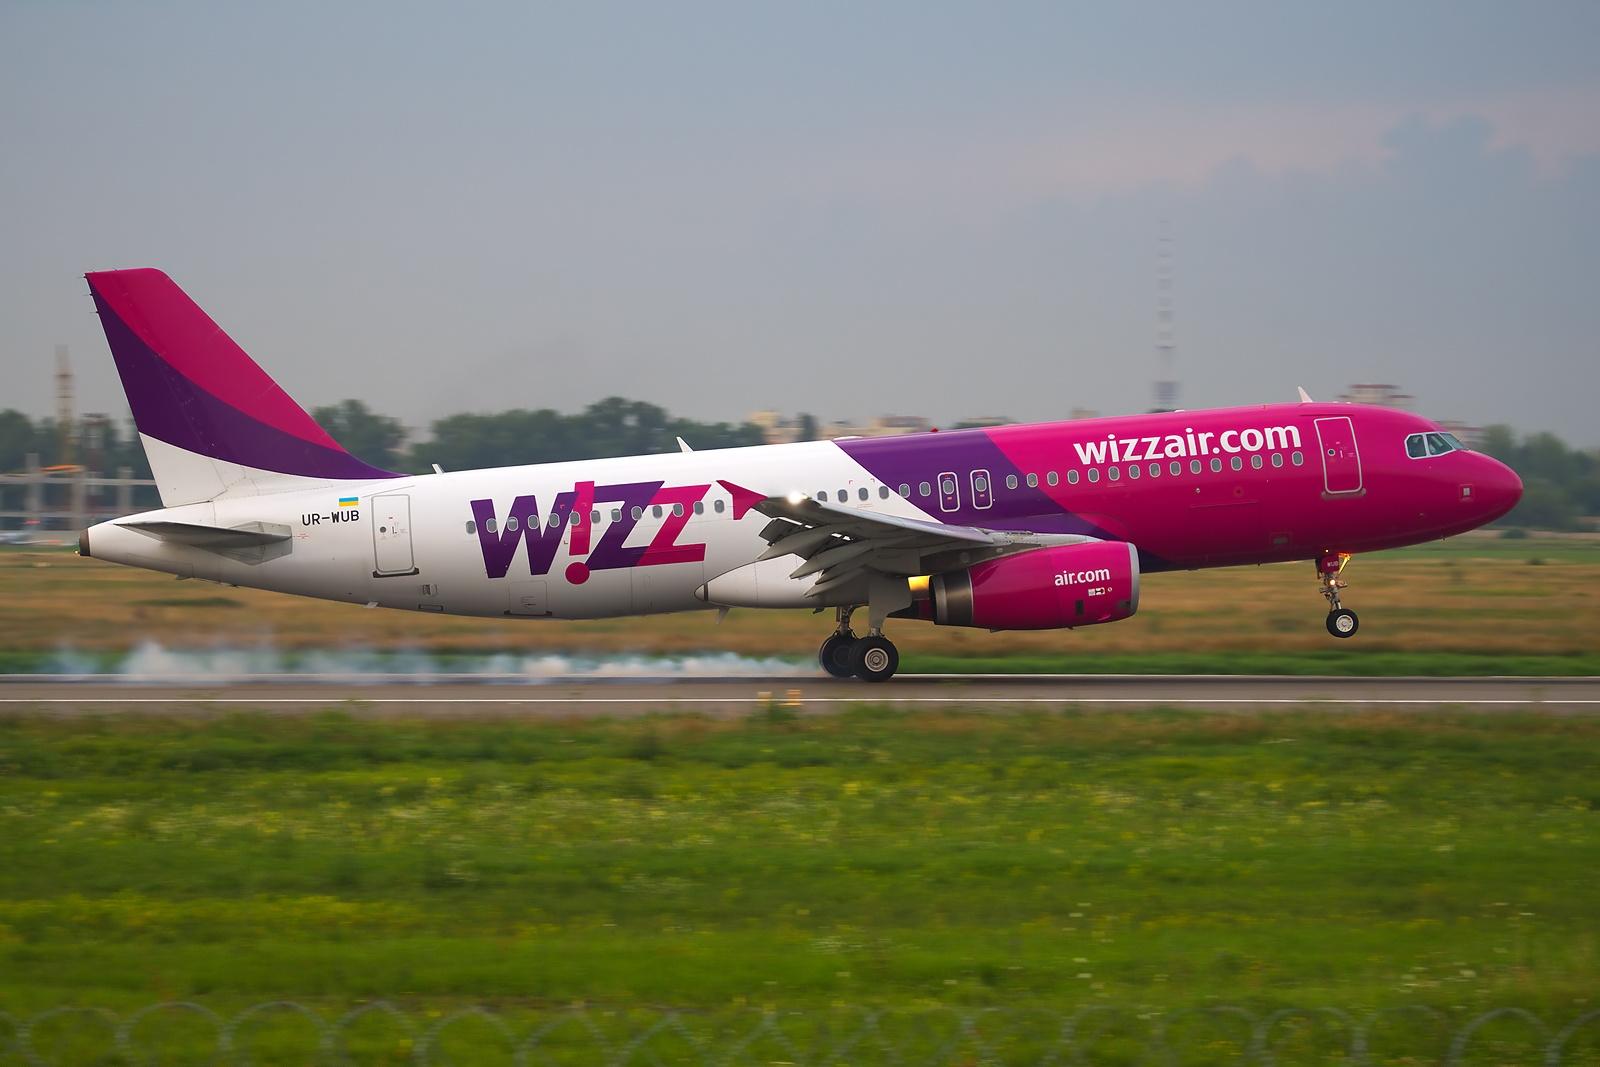 Wizz Air Ukraine - Wikipedia